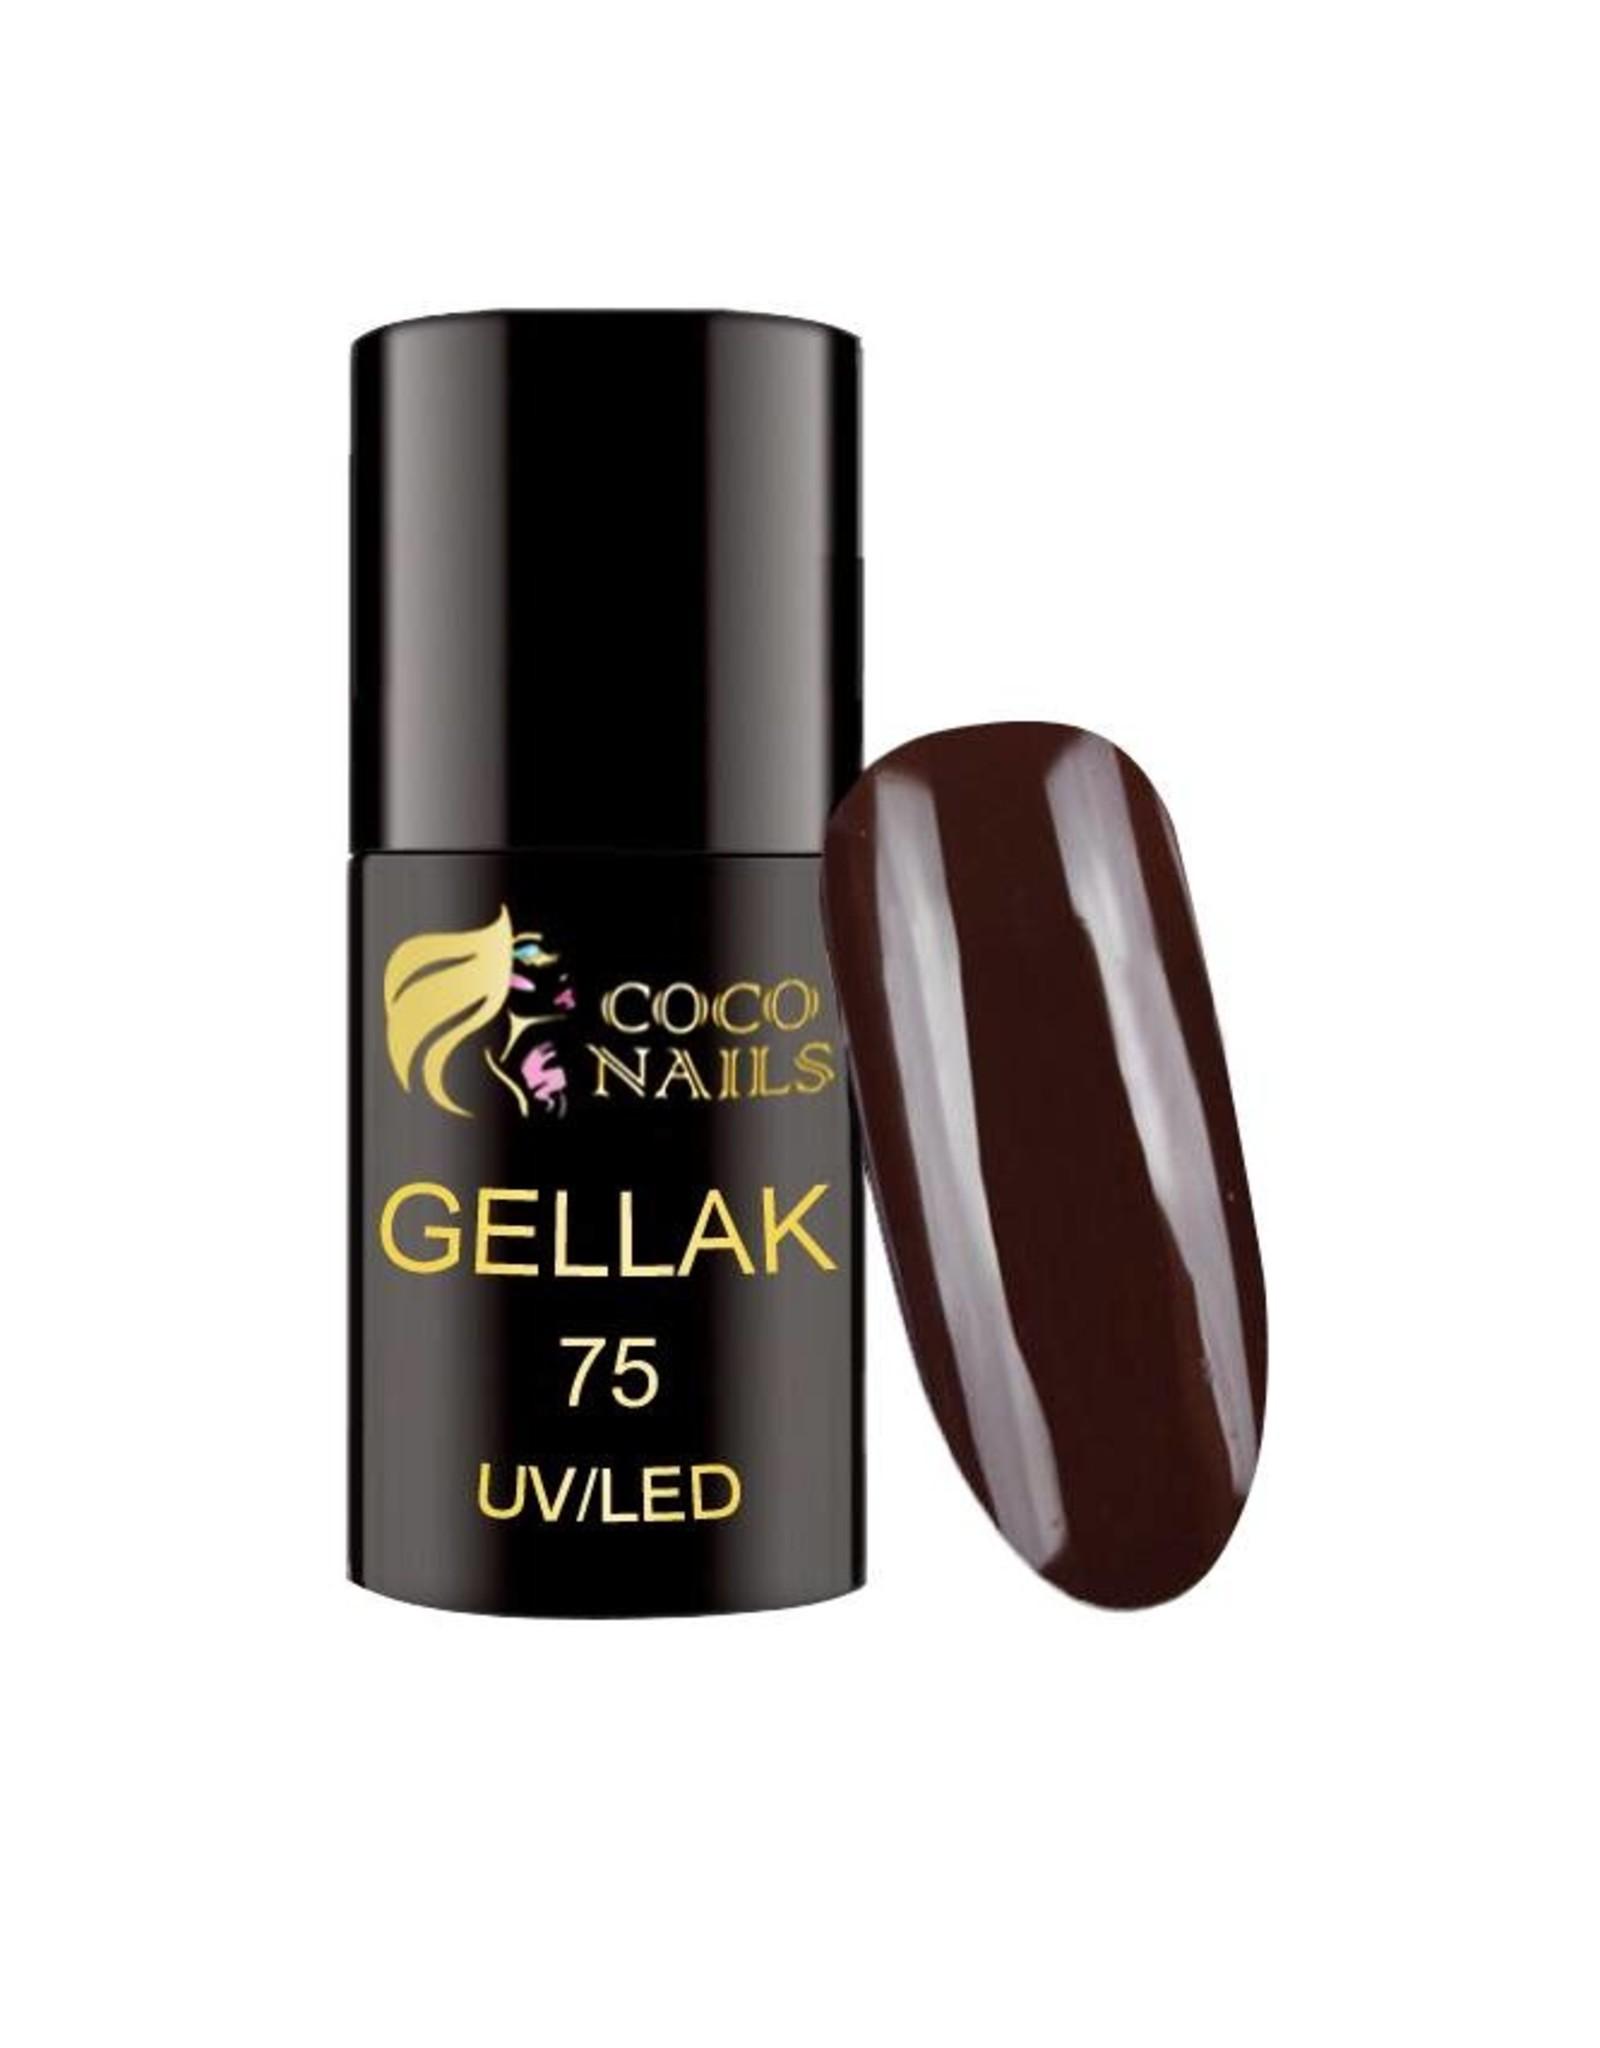 Coconails Gellak Bruin 5 ml